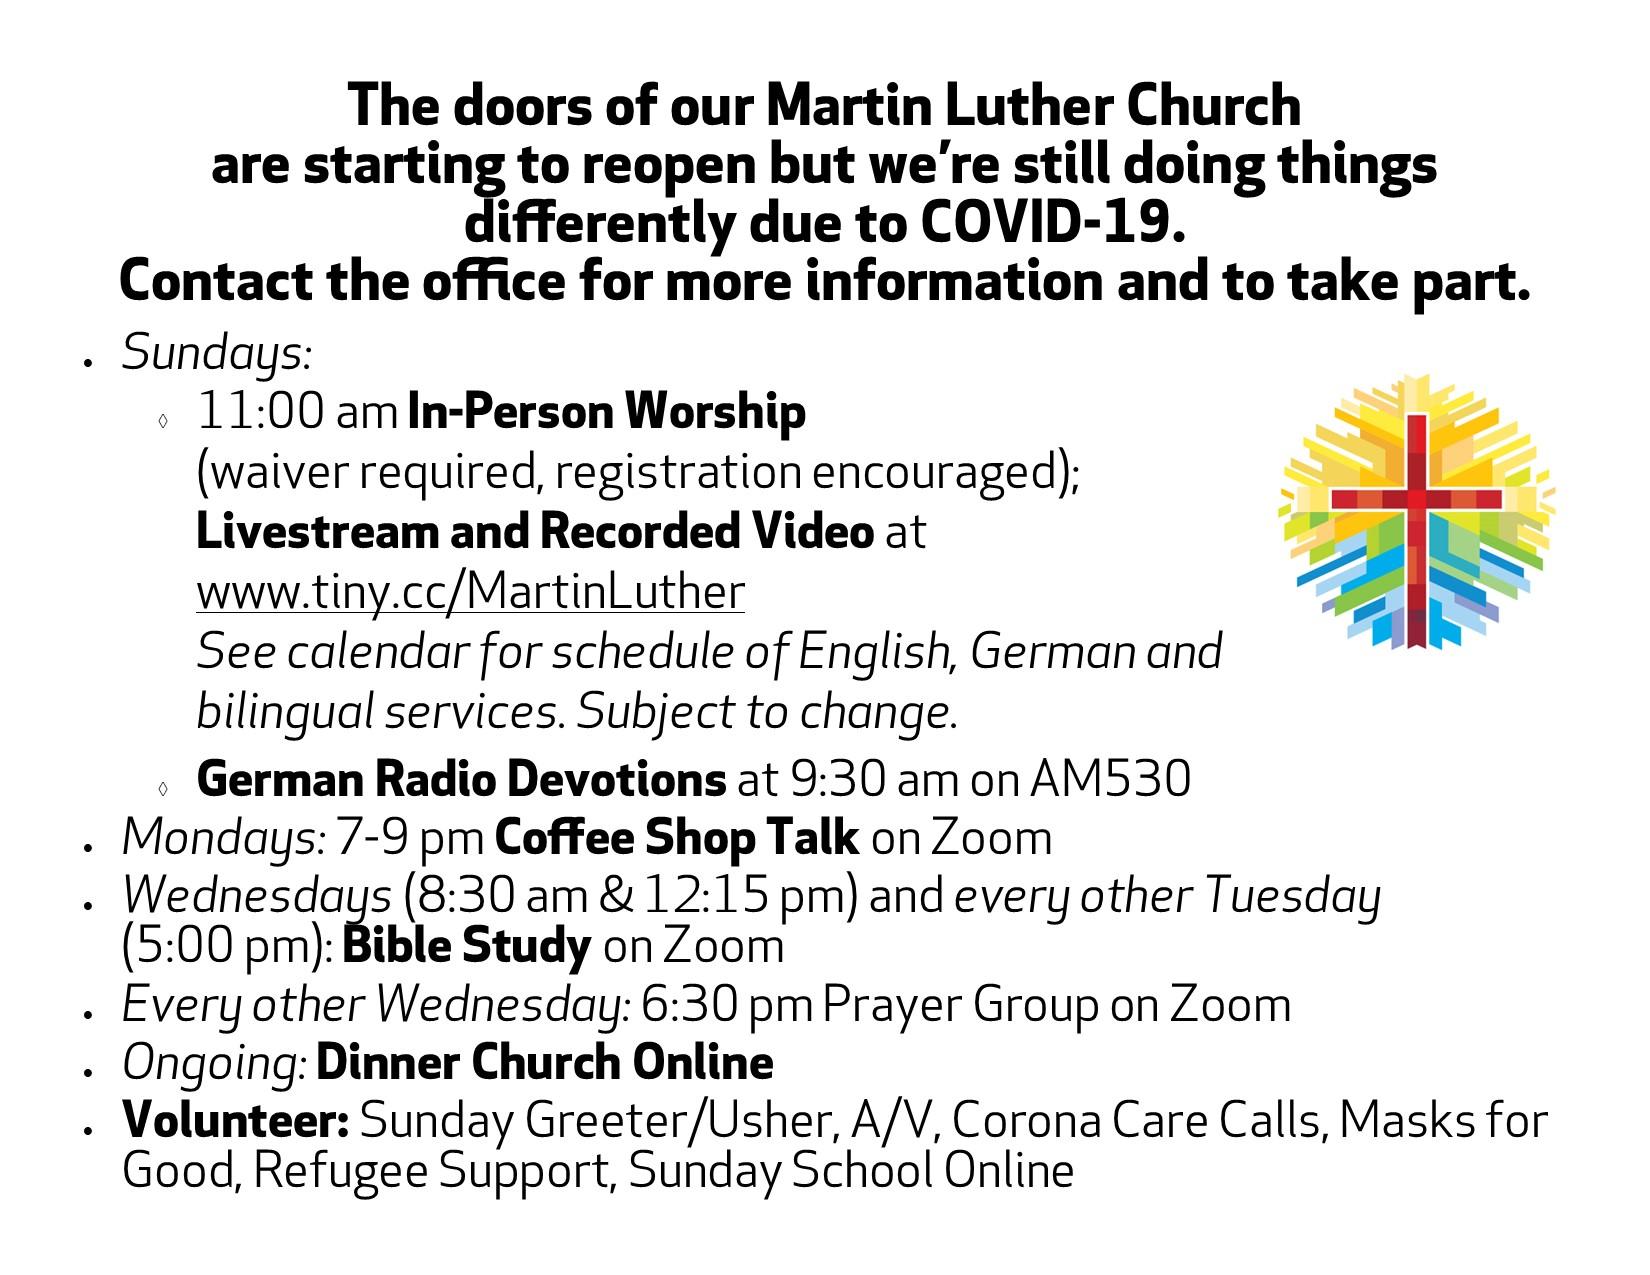 Church Announcements during COVID-19